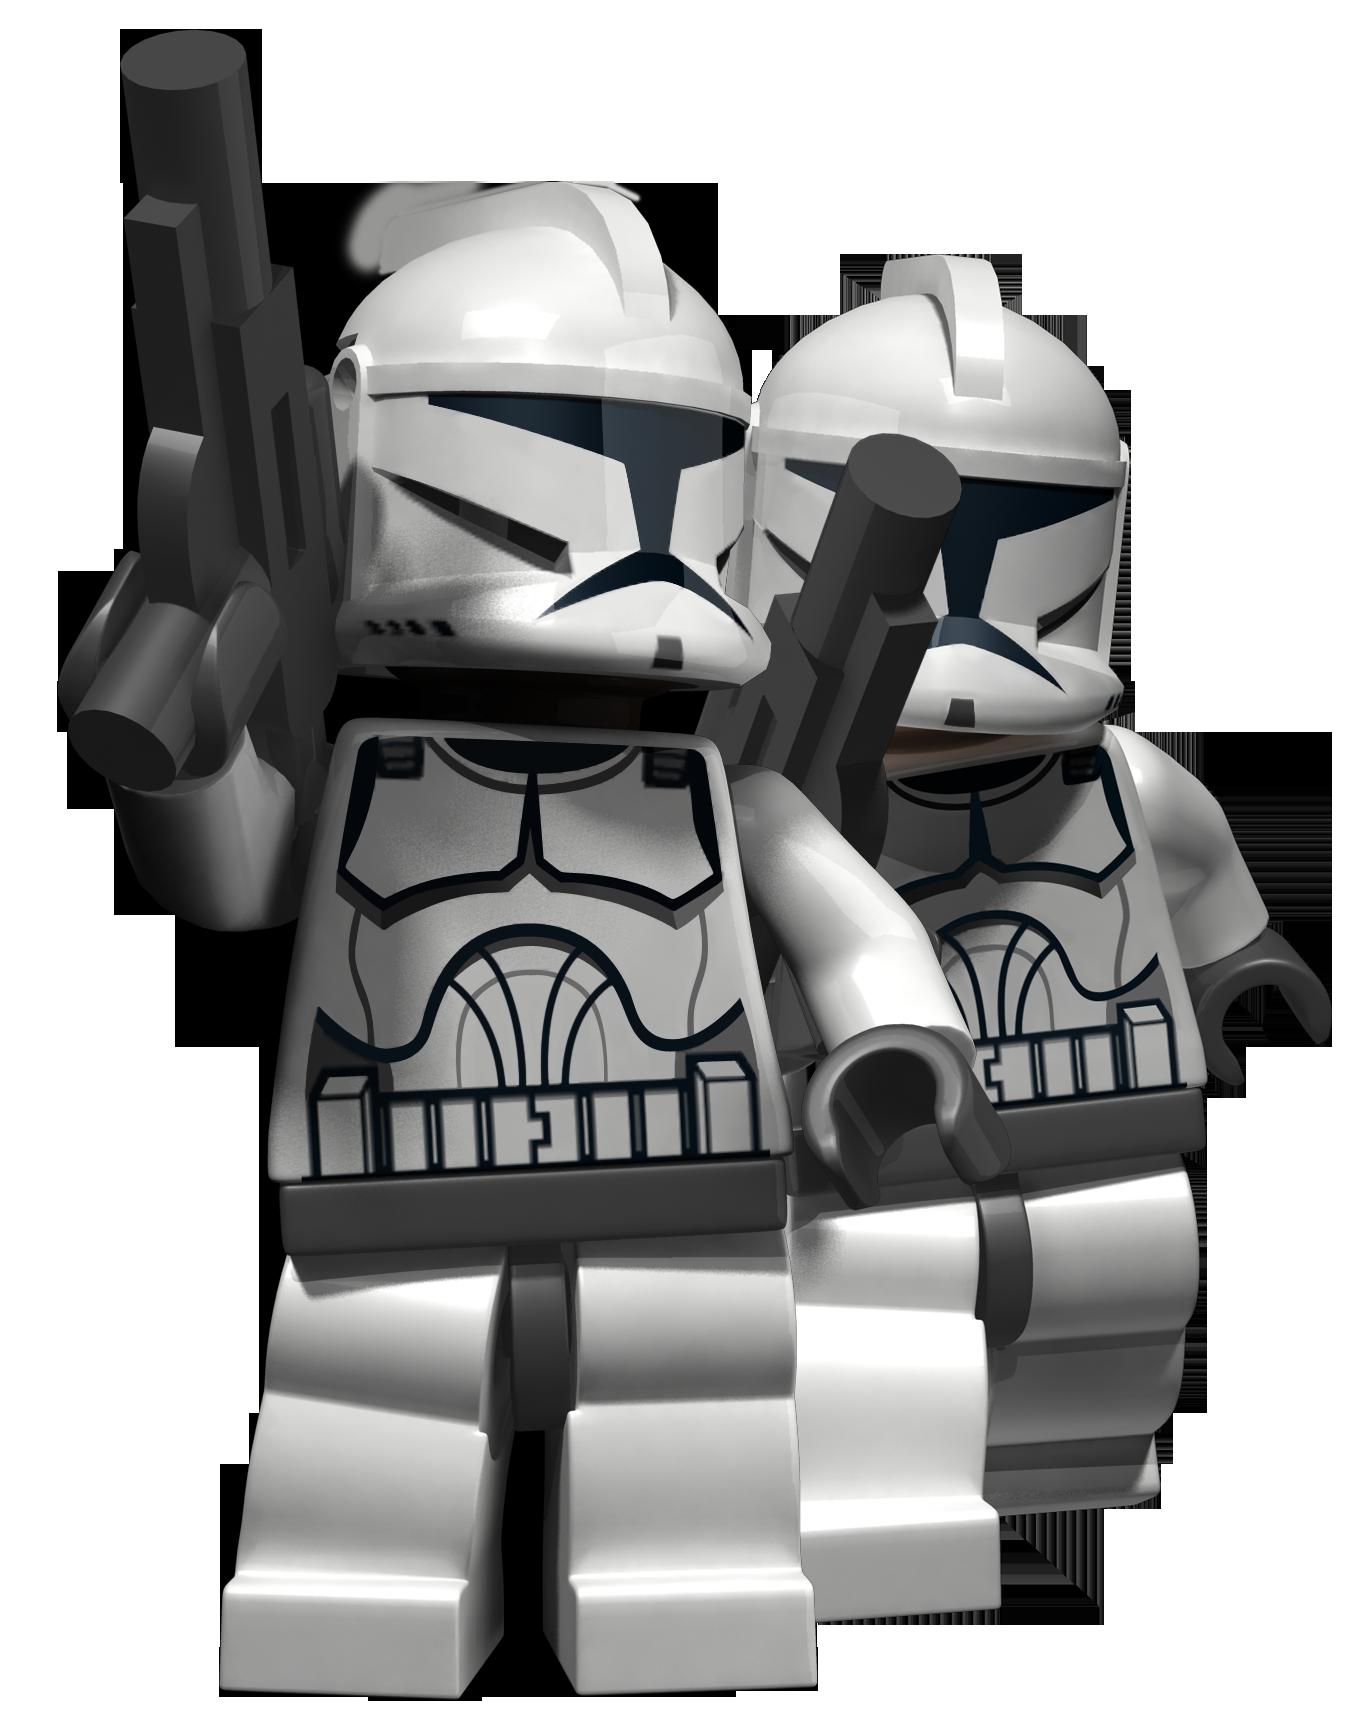 Star Wars Clone Wars Clone Troopers Clone Trooper Lego Star Wars